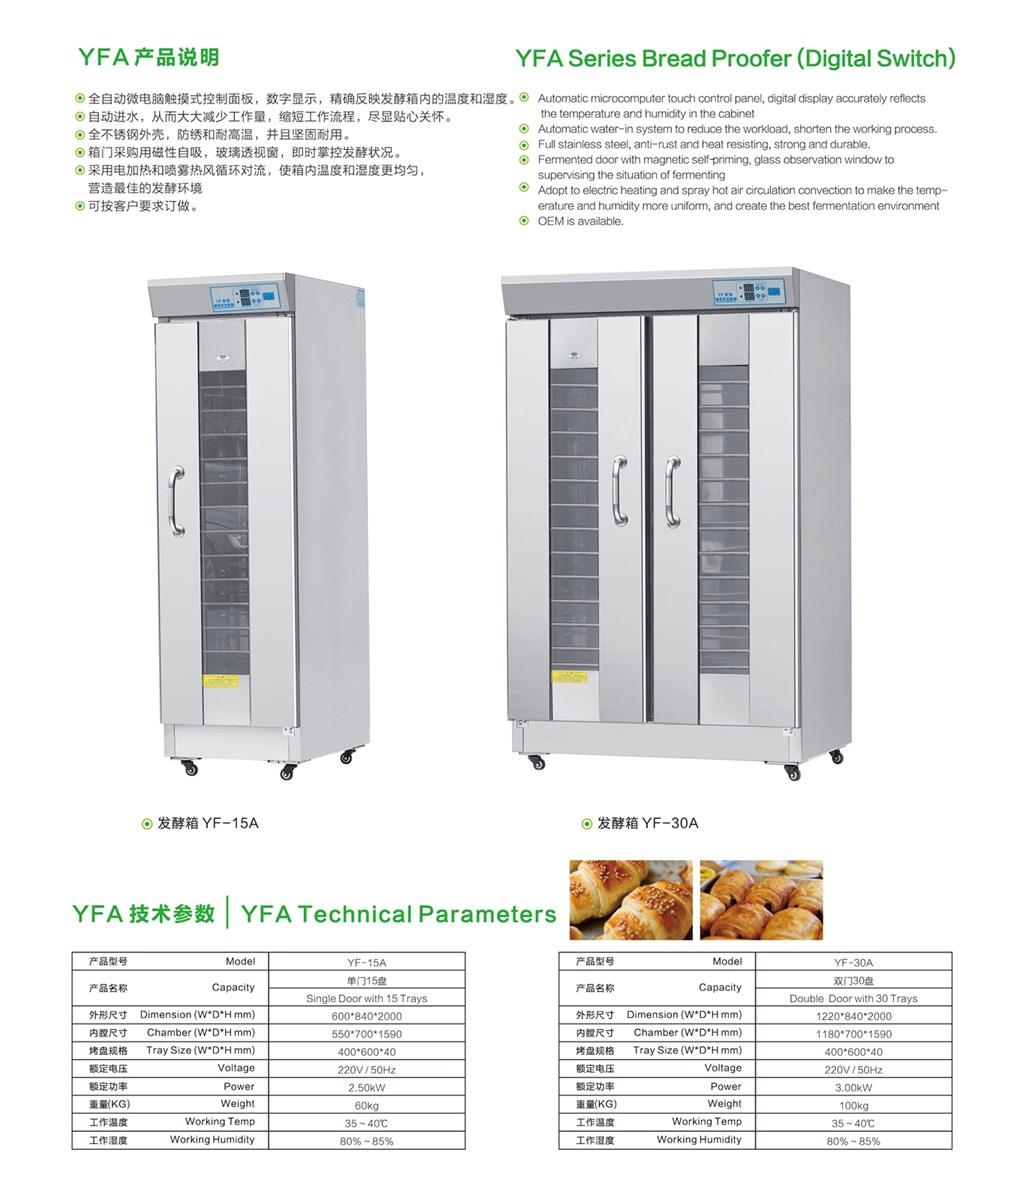 Digital Switch type Bread Proofer YF15A